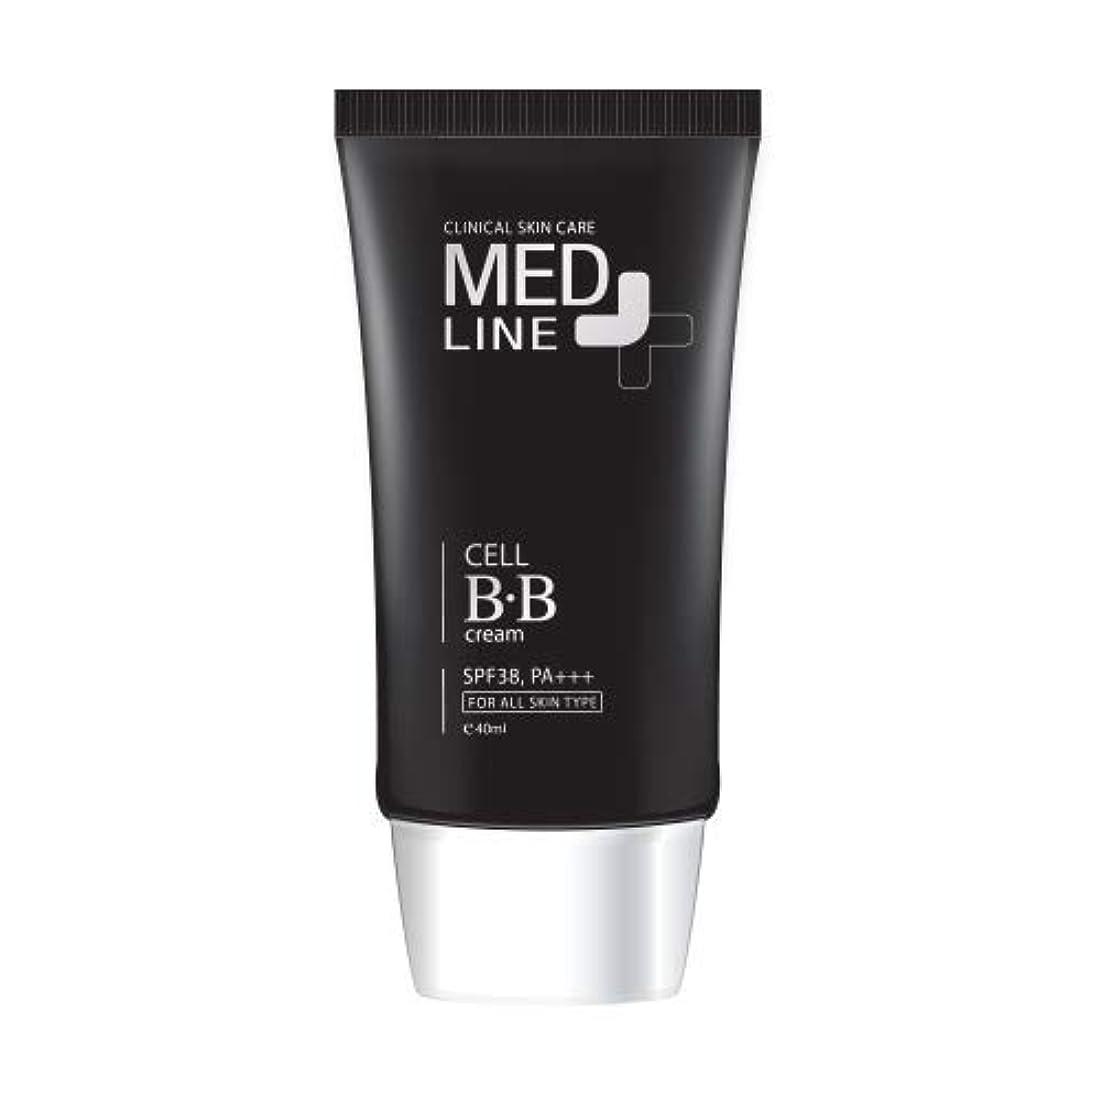 脱臼する頑張る先生メドライン(Med Line) セルBBクリーム(Cell B.B Cream)